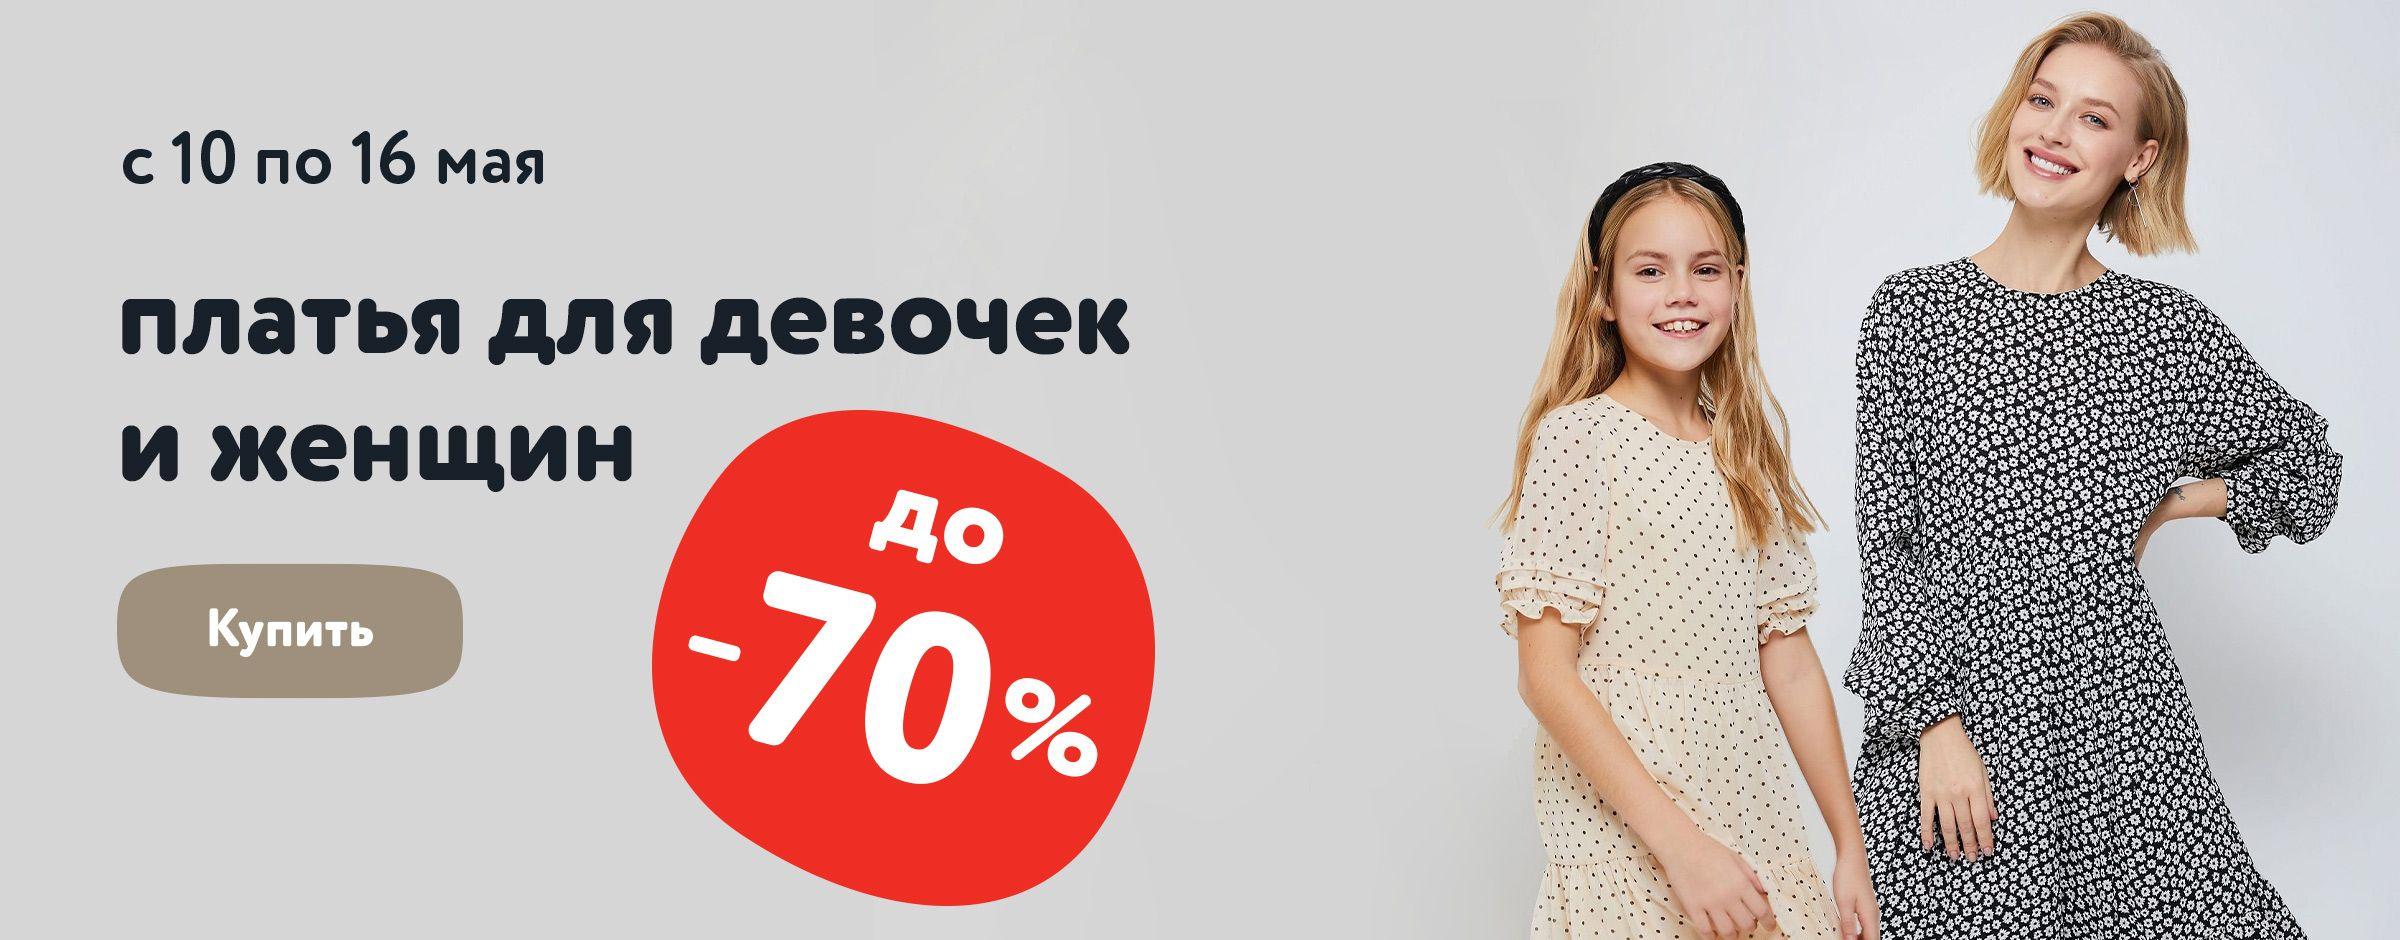 Скидки до 70% на женские и детские платья